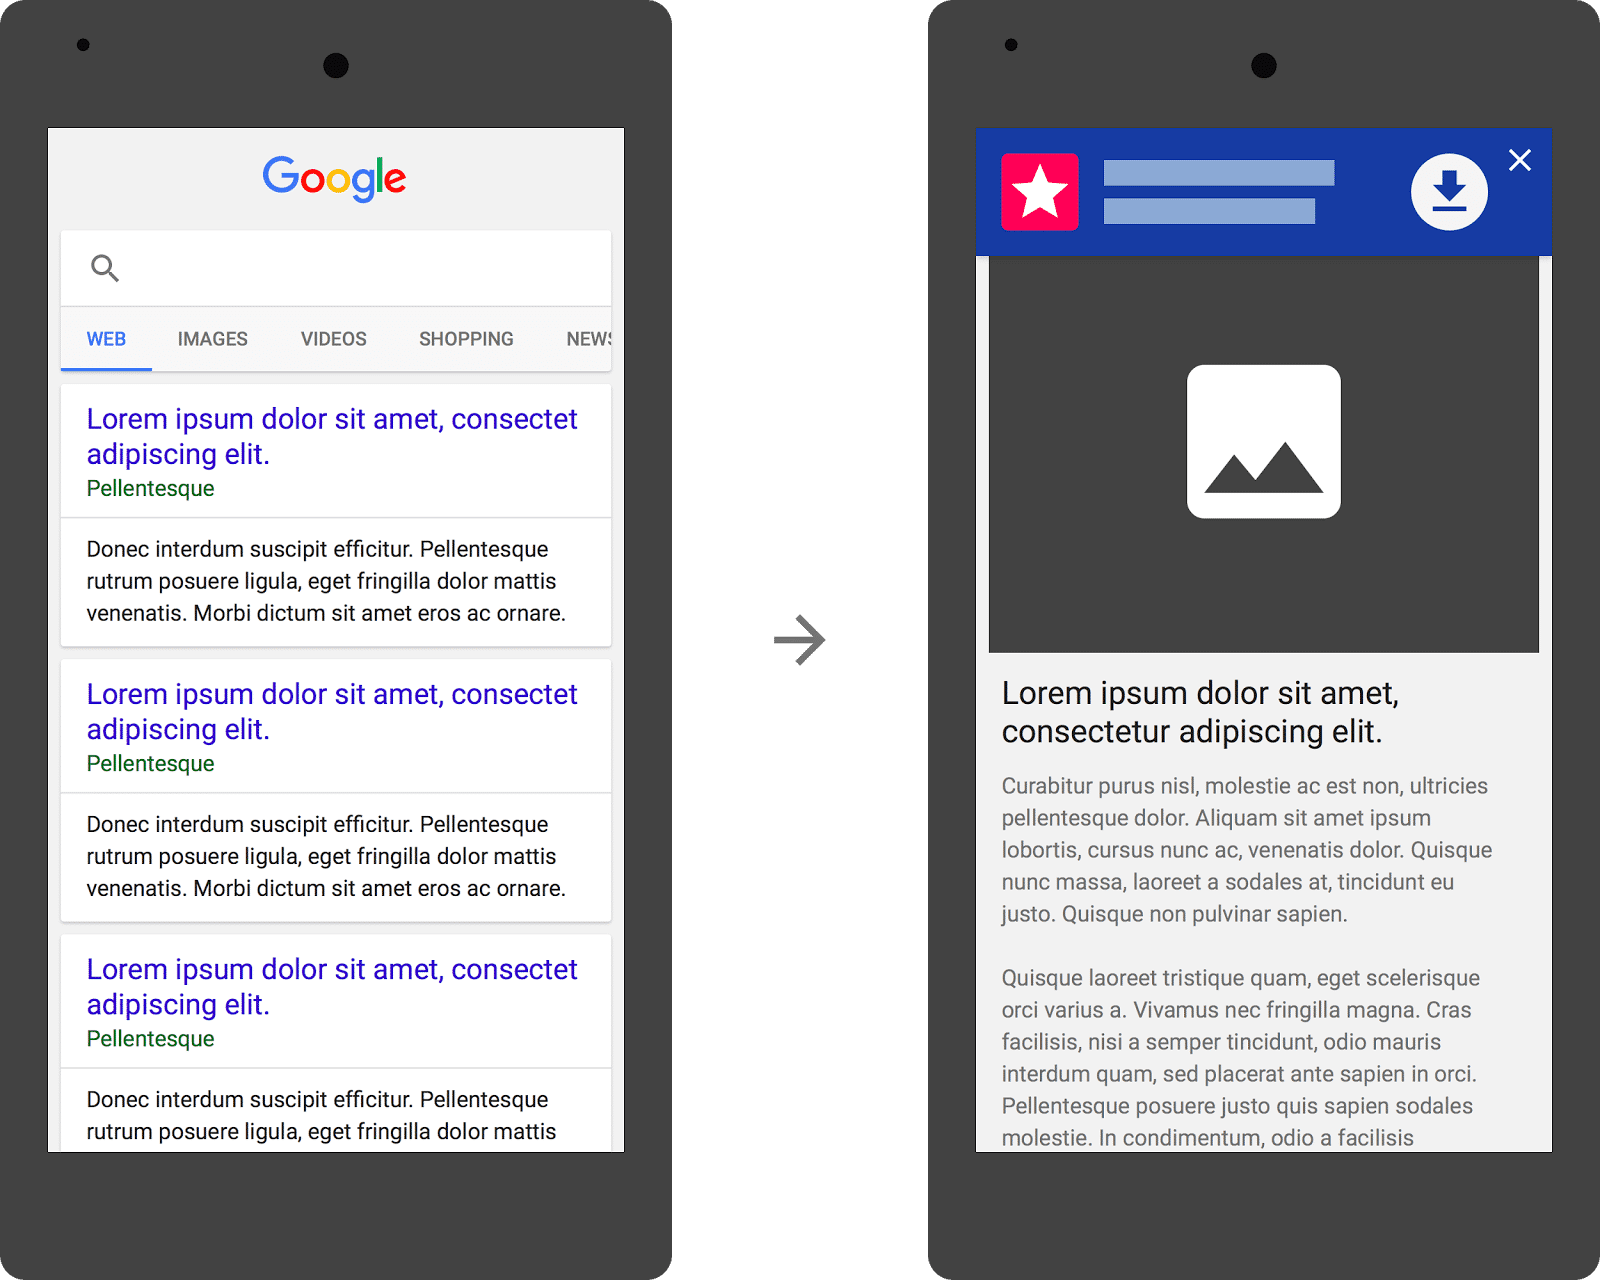 App Install Banners sollen dezenter für Apps werben